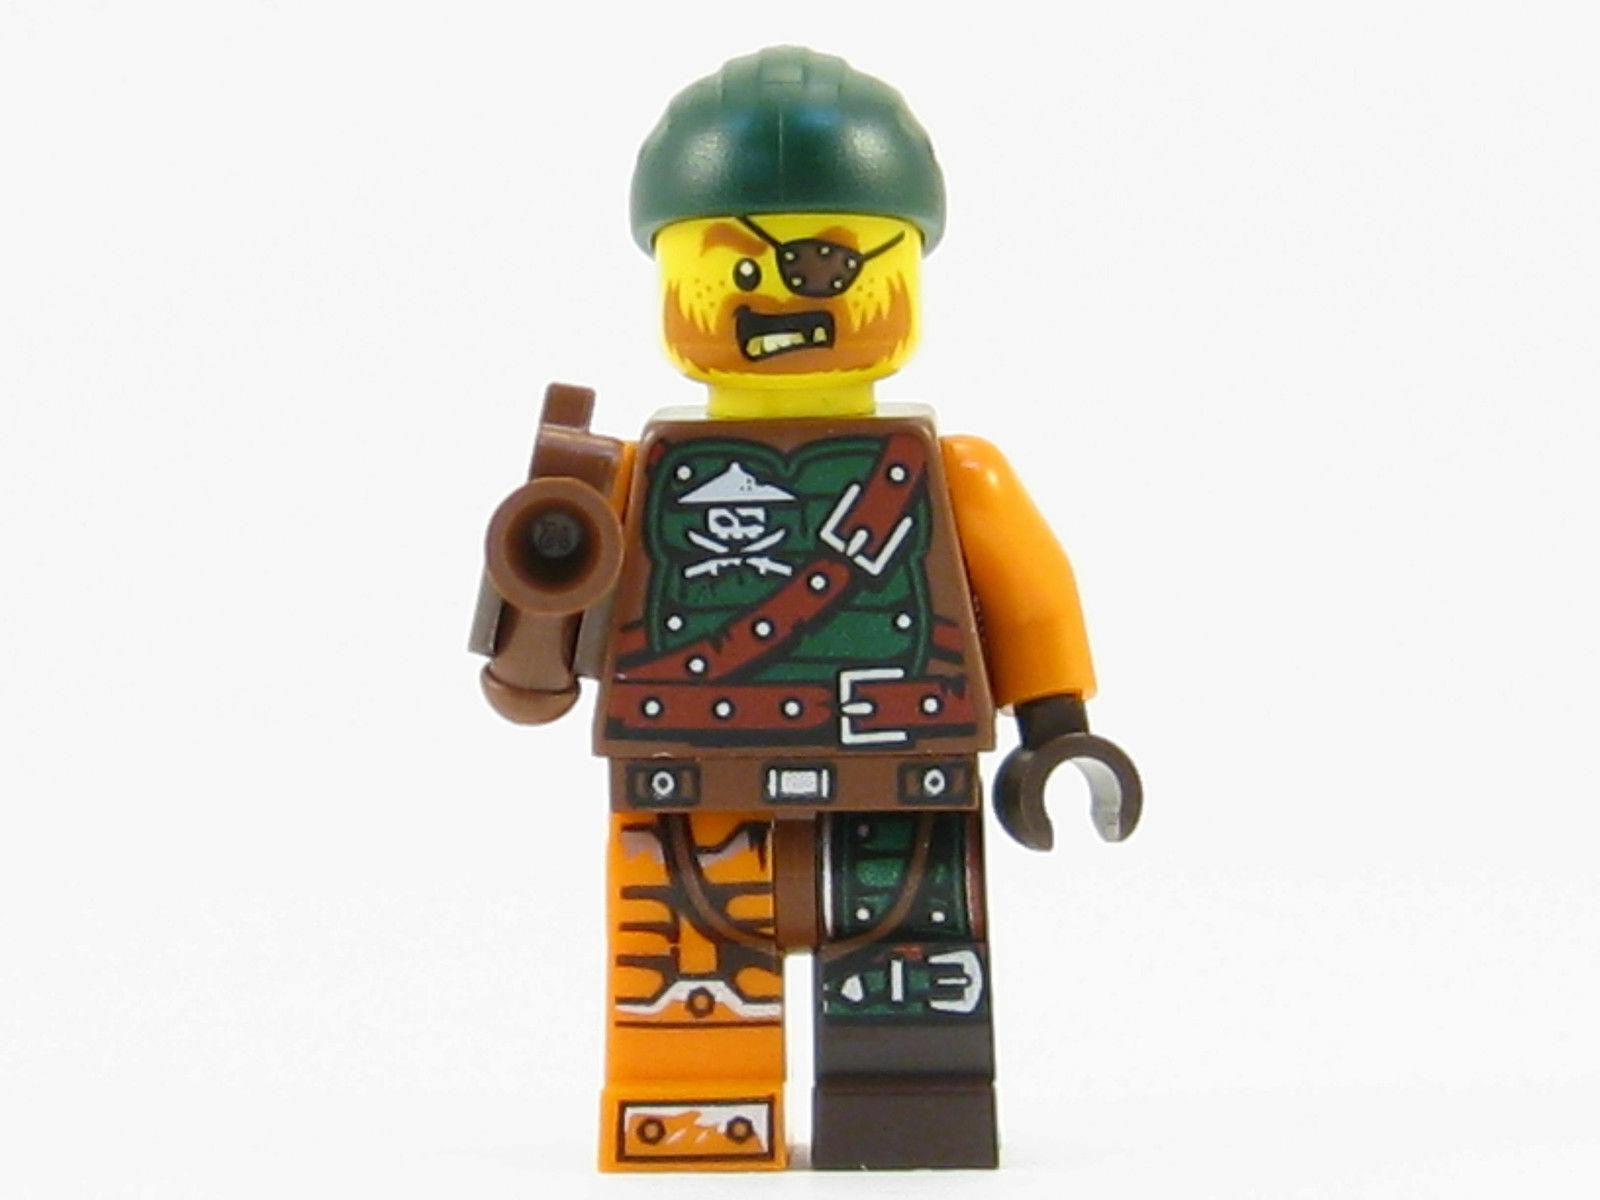 Lego New Ninjago Minifigure Bucko Ninja